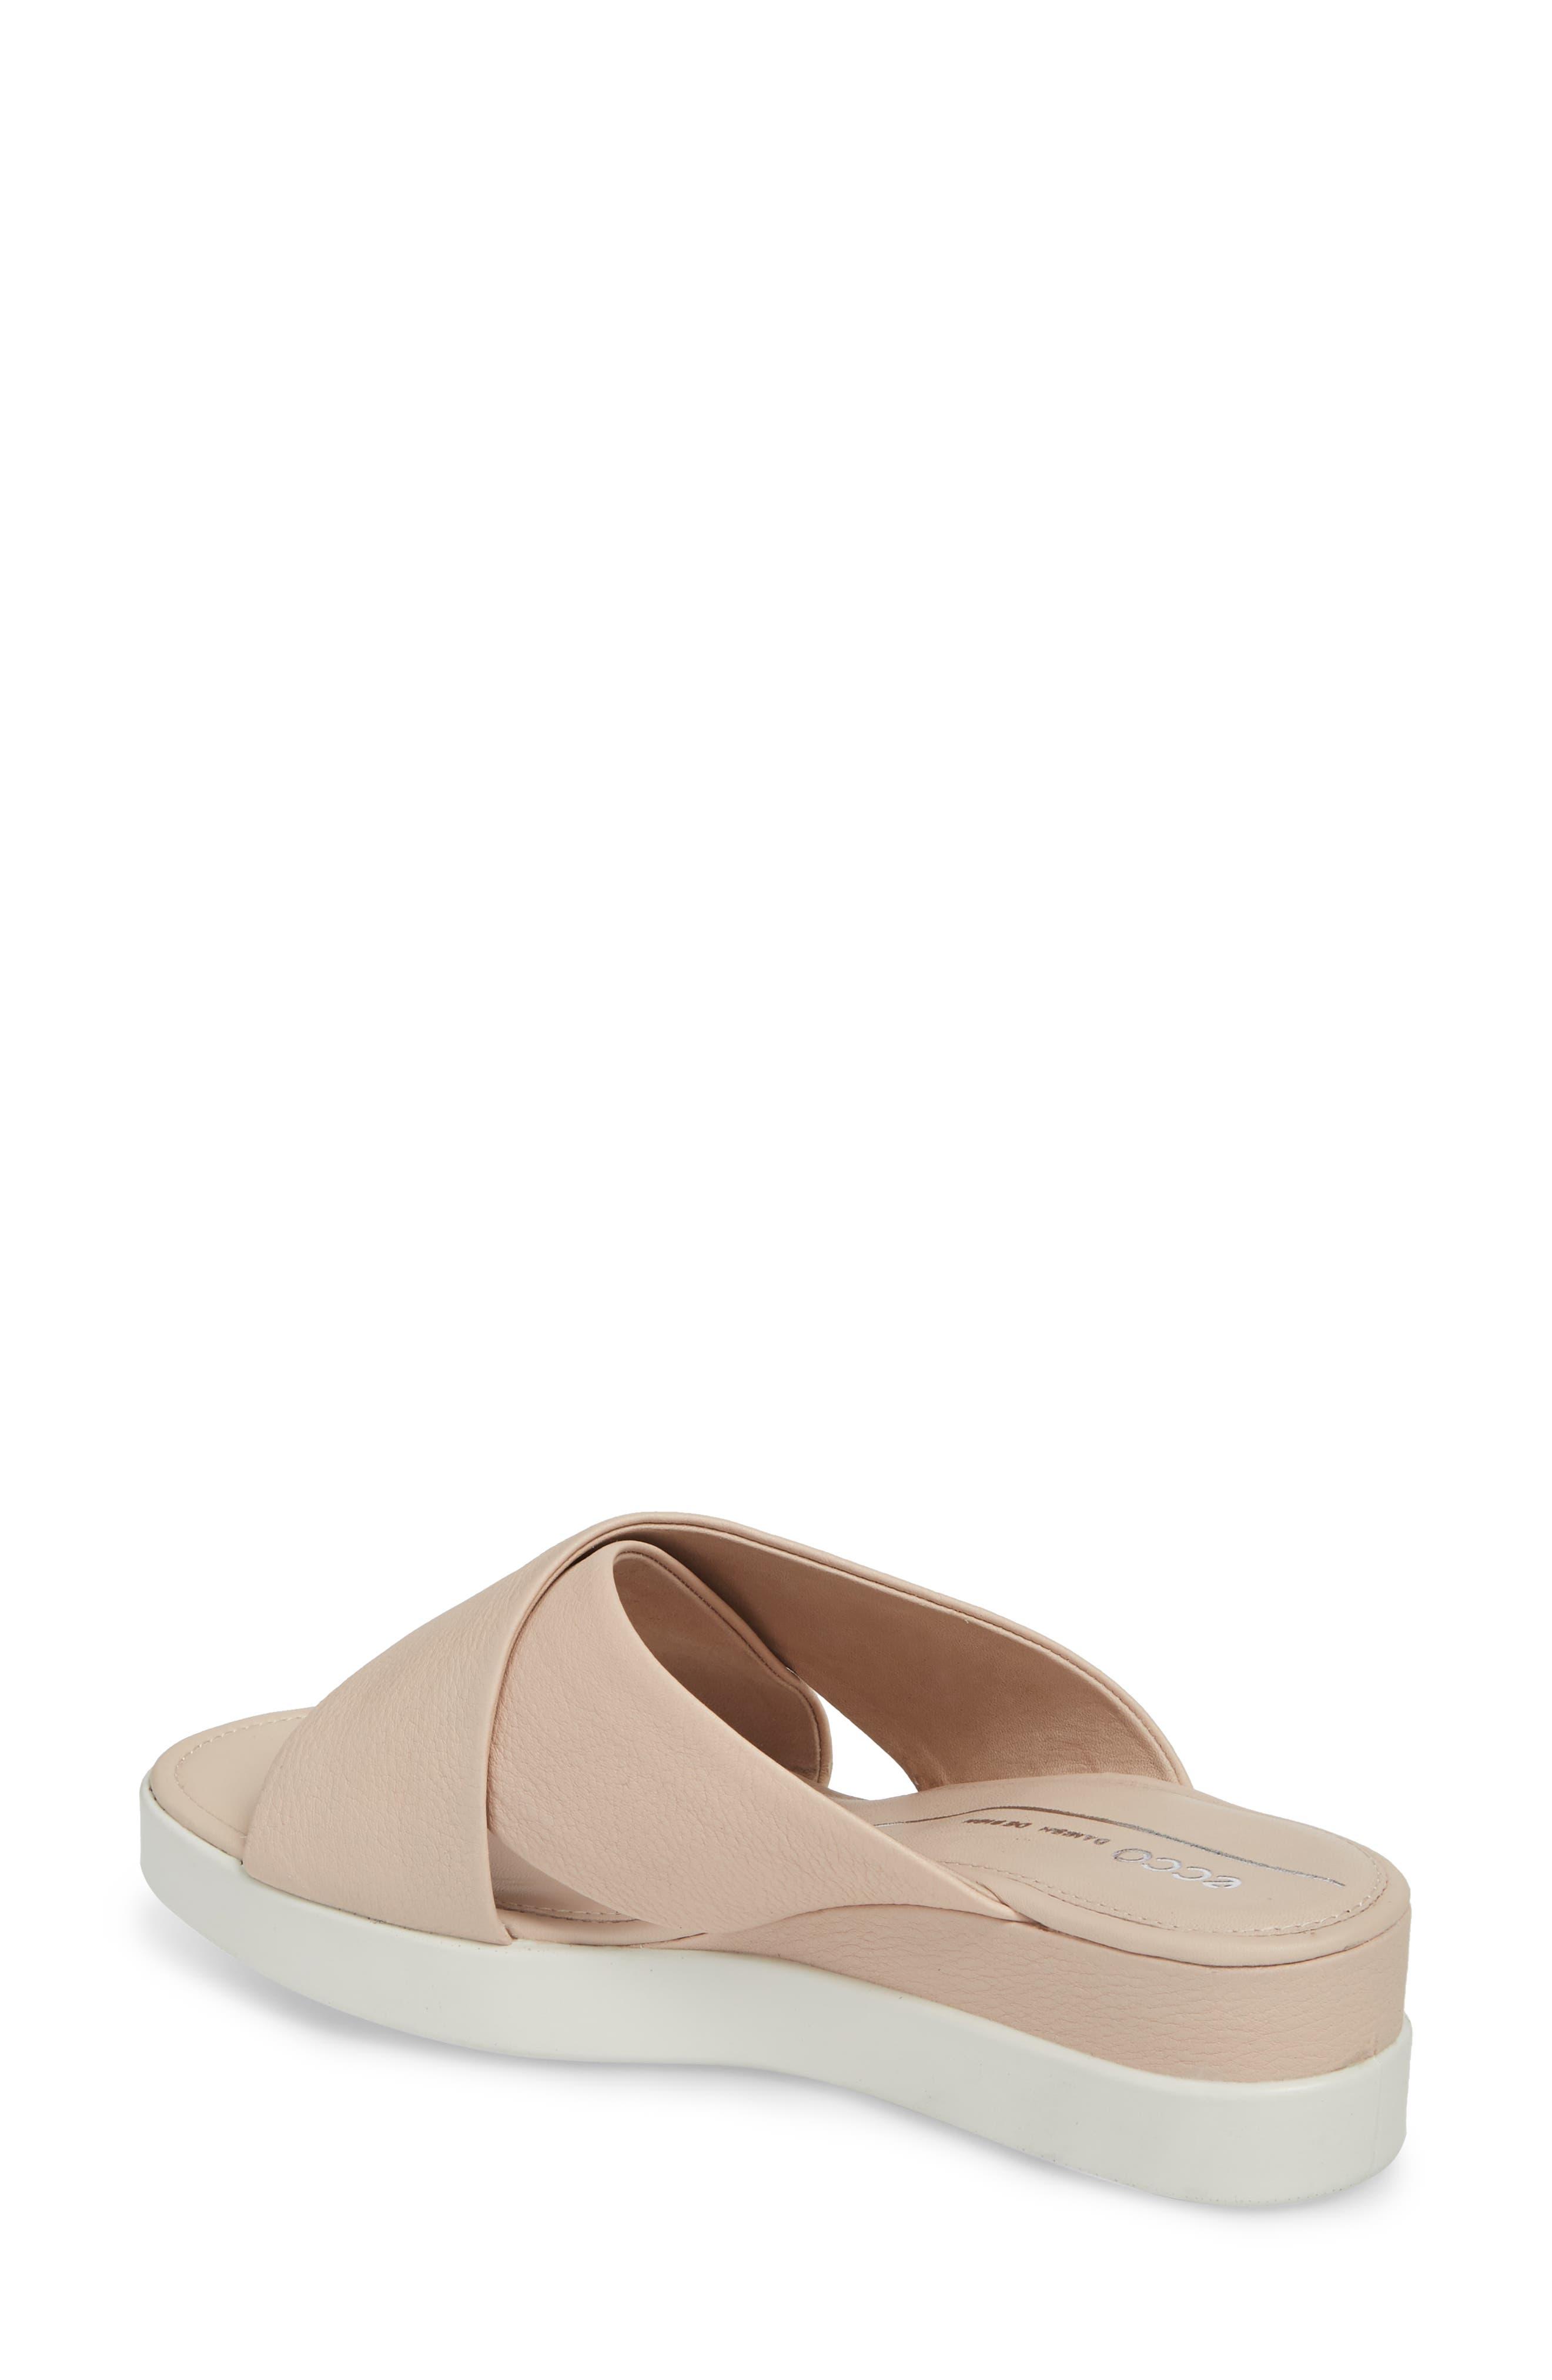 Touch Slide Sandal,                             Alternate thumbnail 2, color,                             Rose Dust Leather